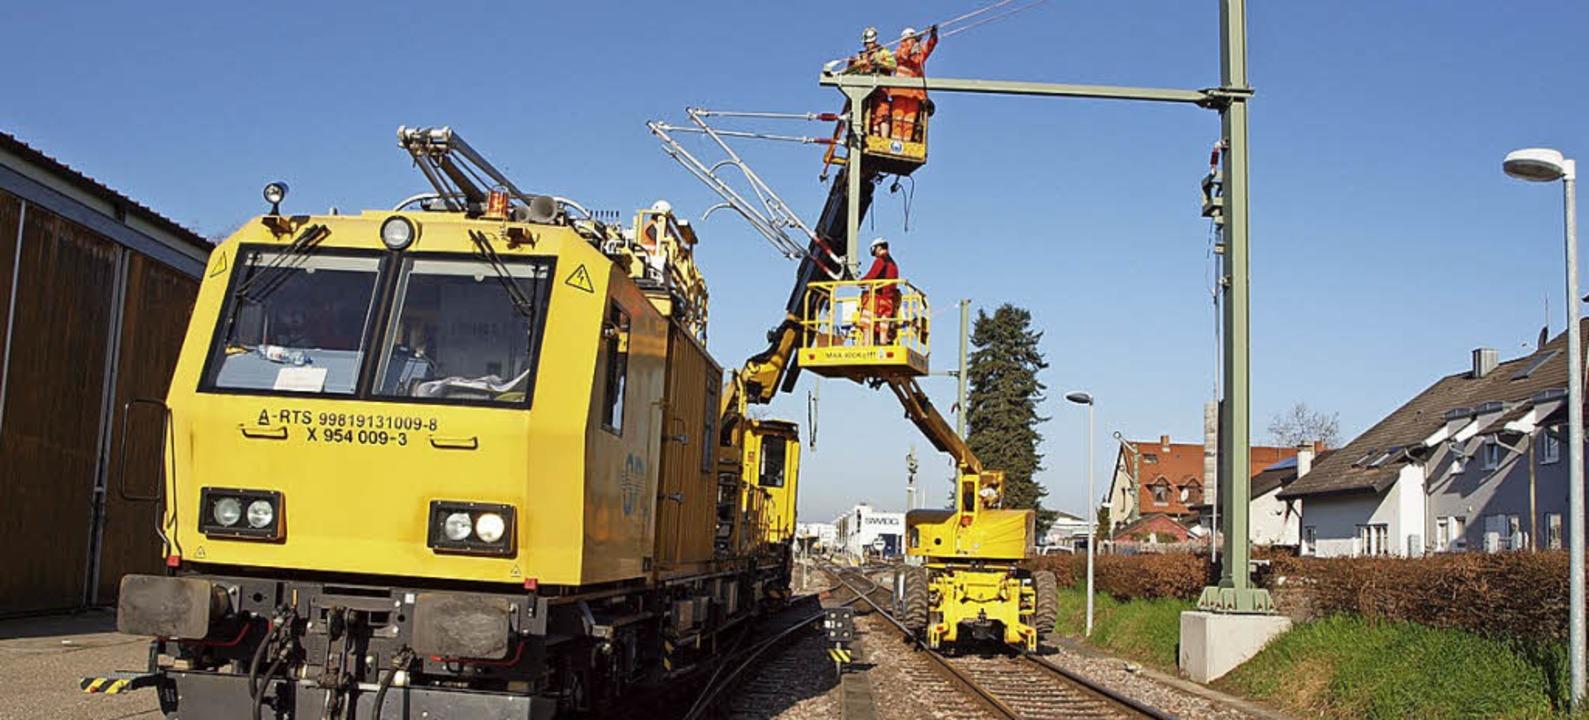 Oberleitungsmontage in Endingen  | Foto: Haberer